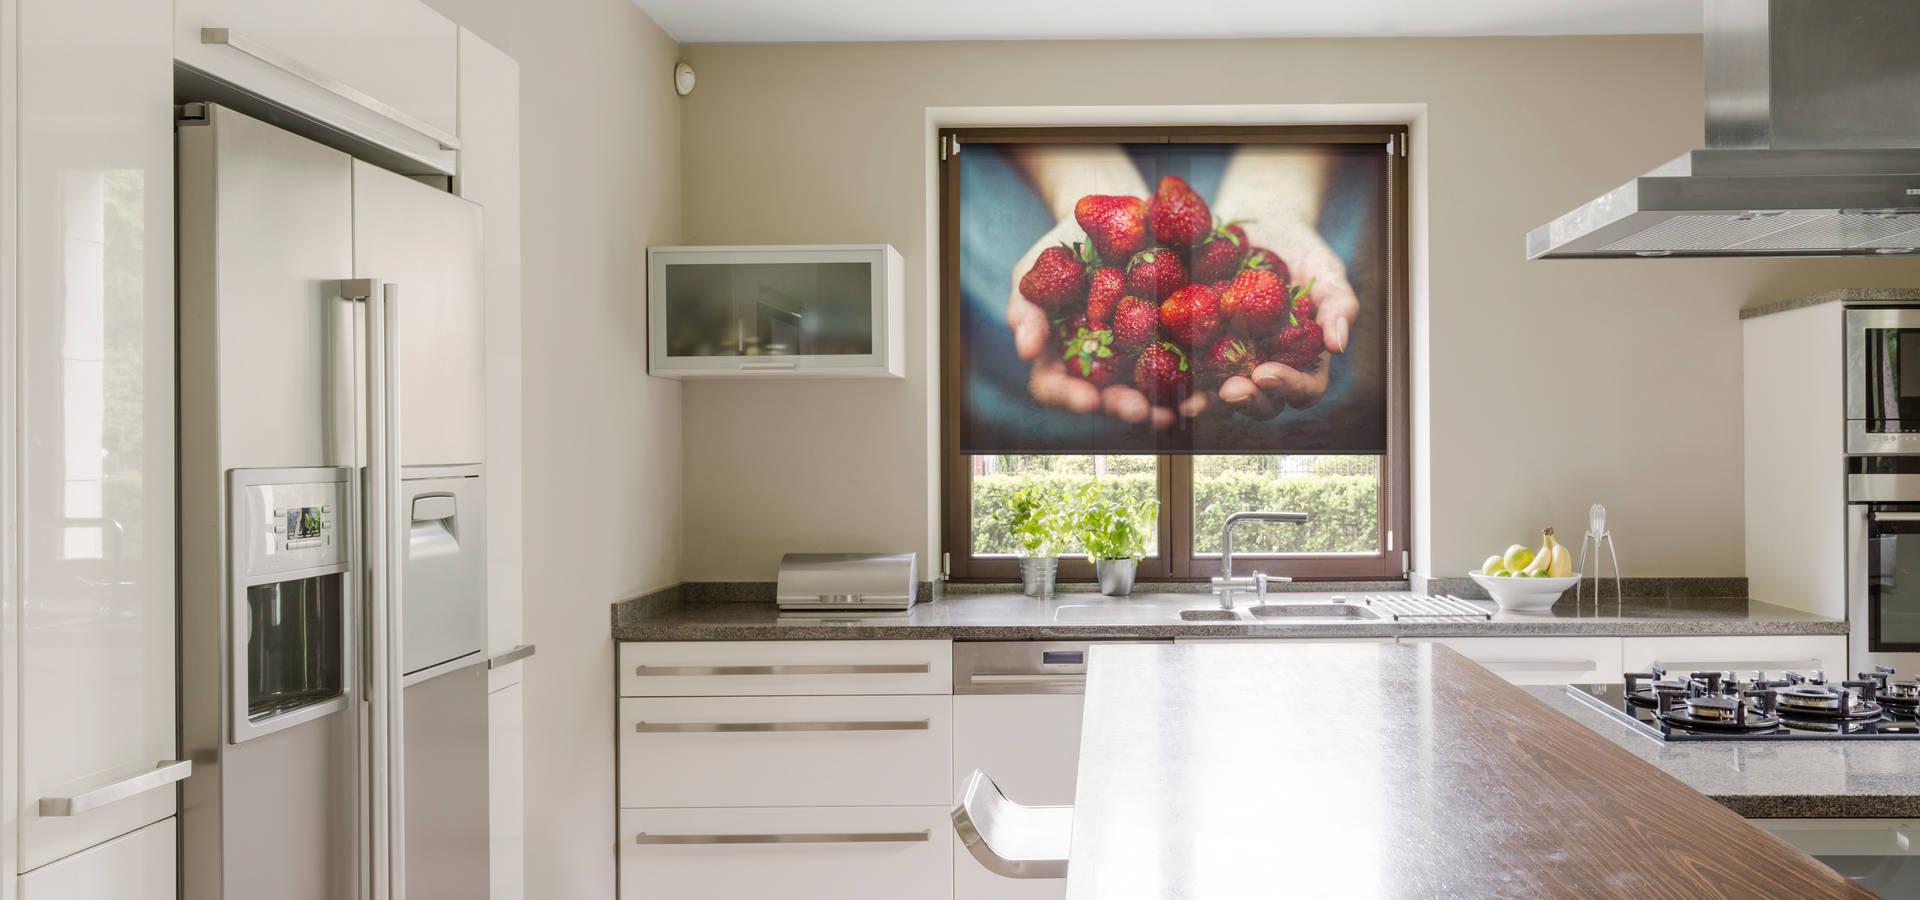 Puntogar: Decoradores y Diseñadores de interiores en Valencia | homify